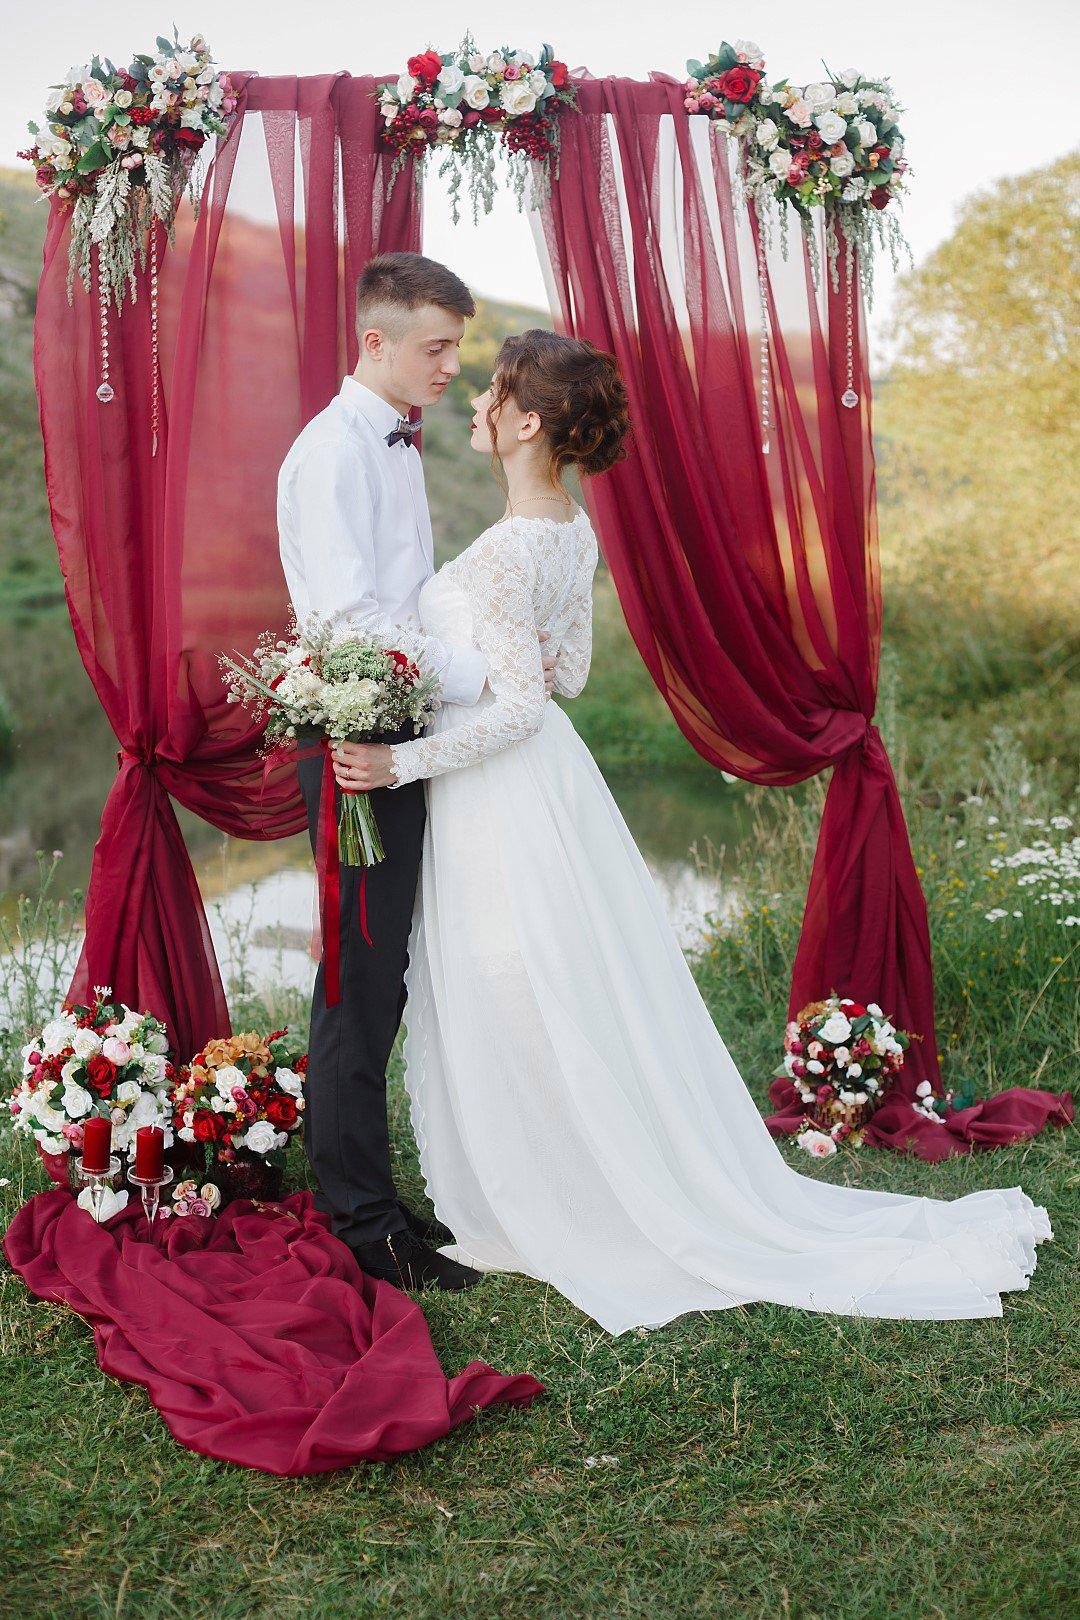 оформление свадьбы в цвете марсала: арка